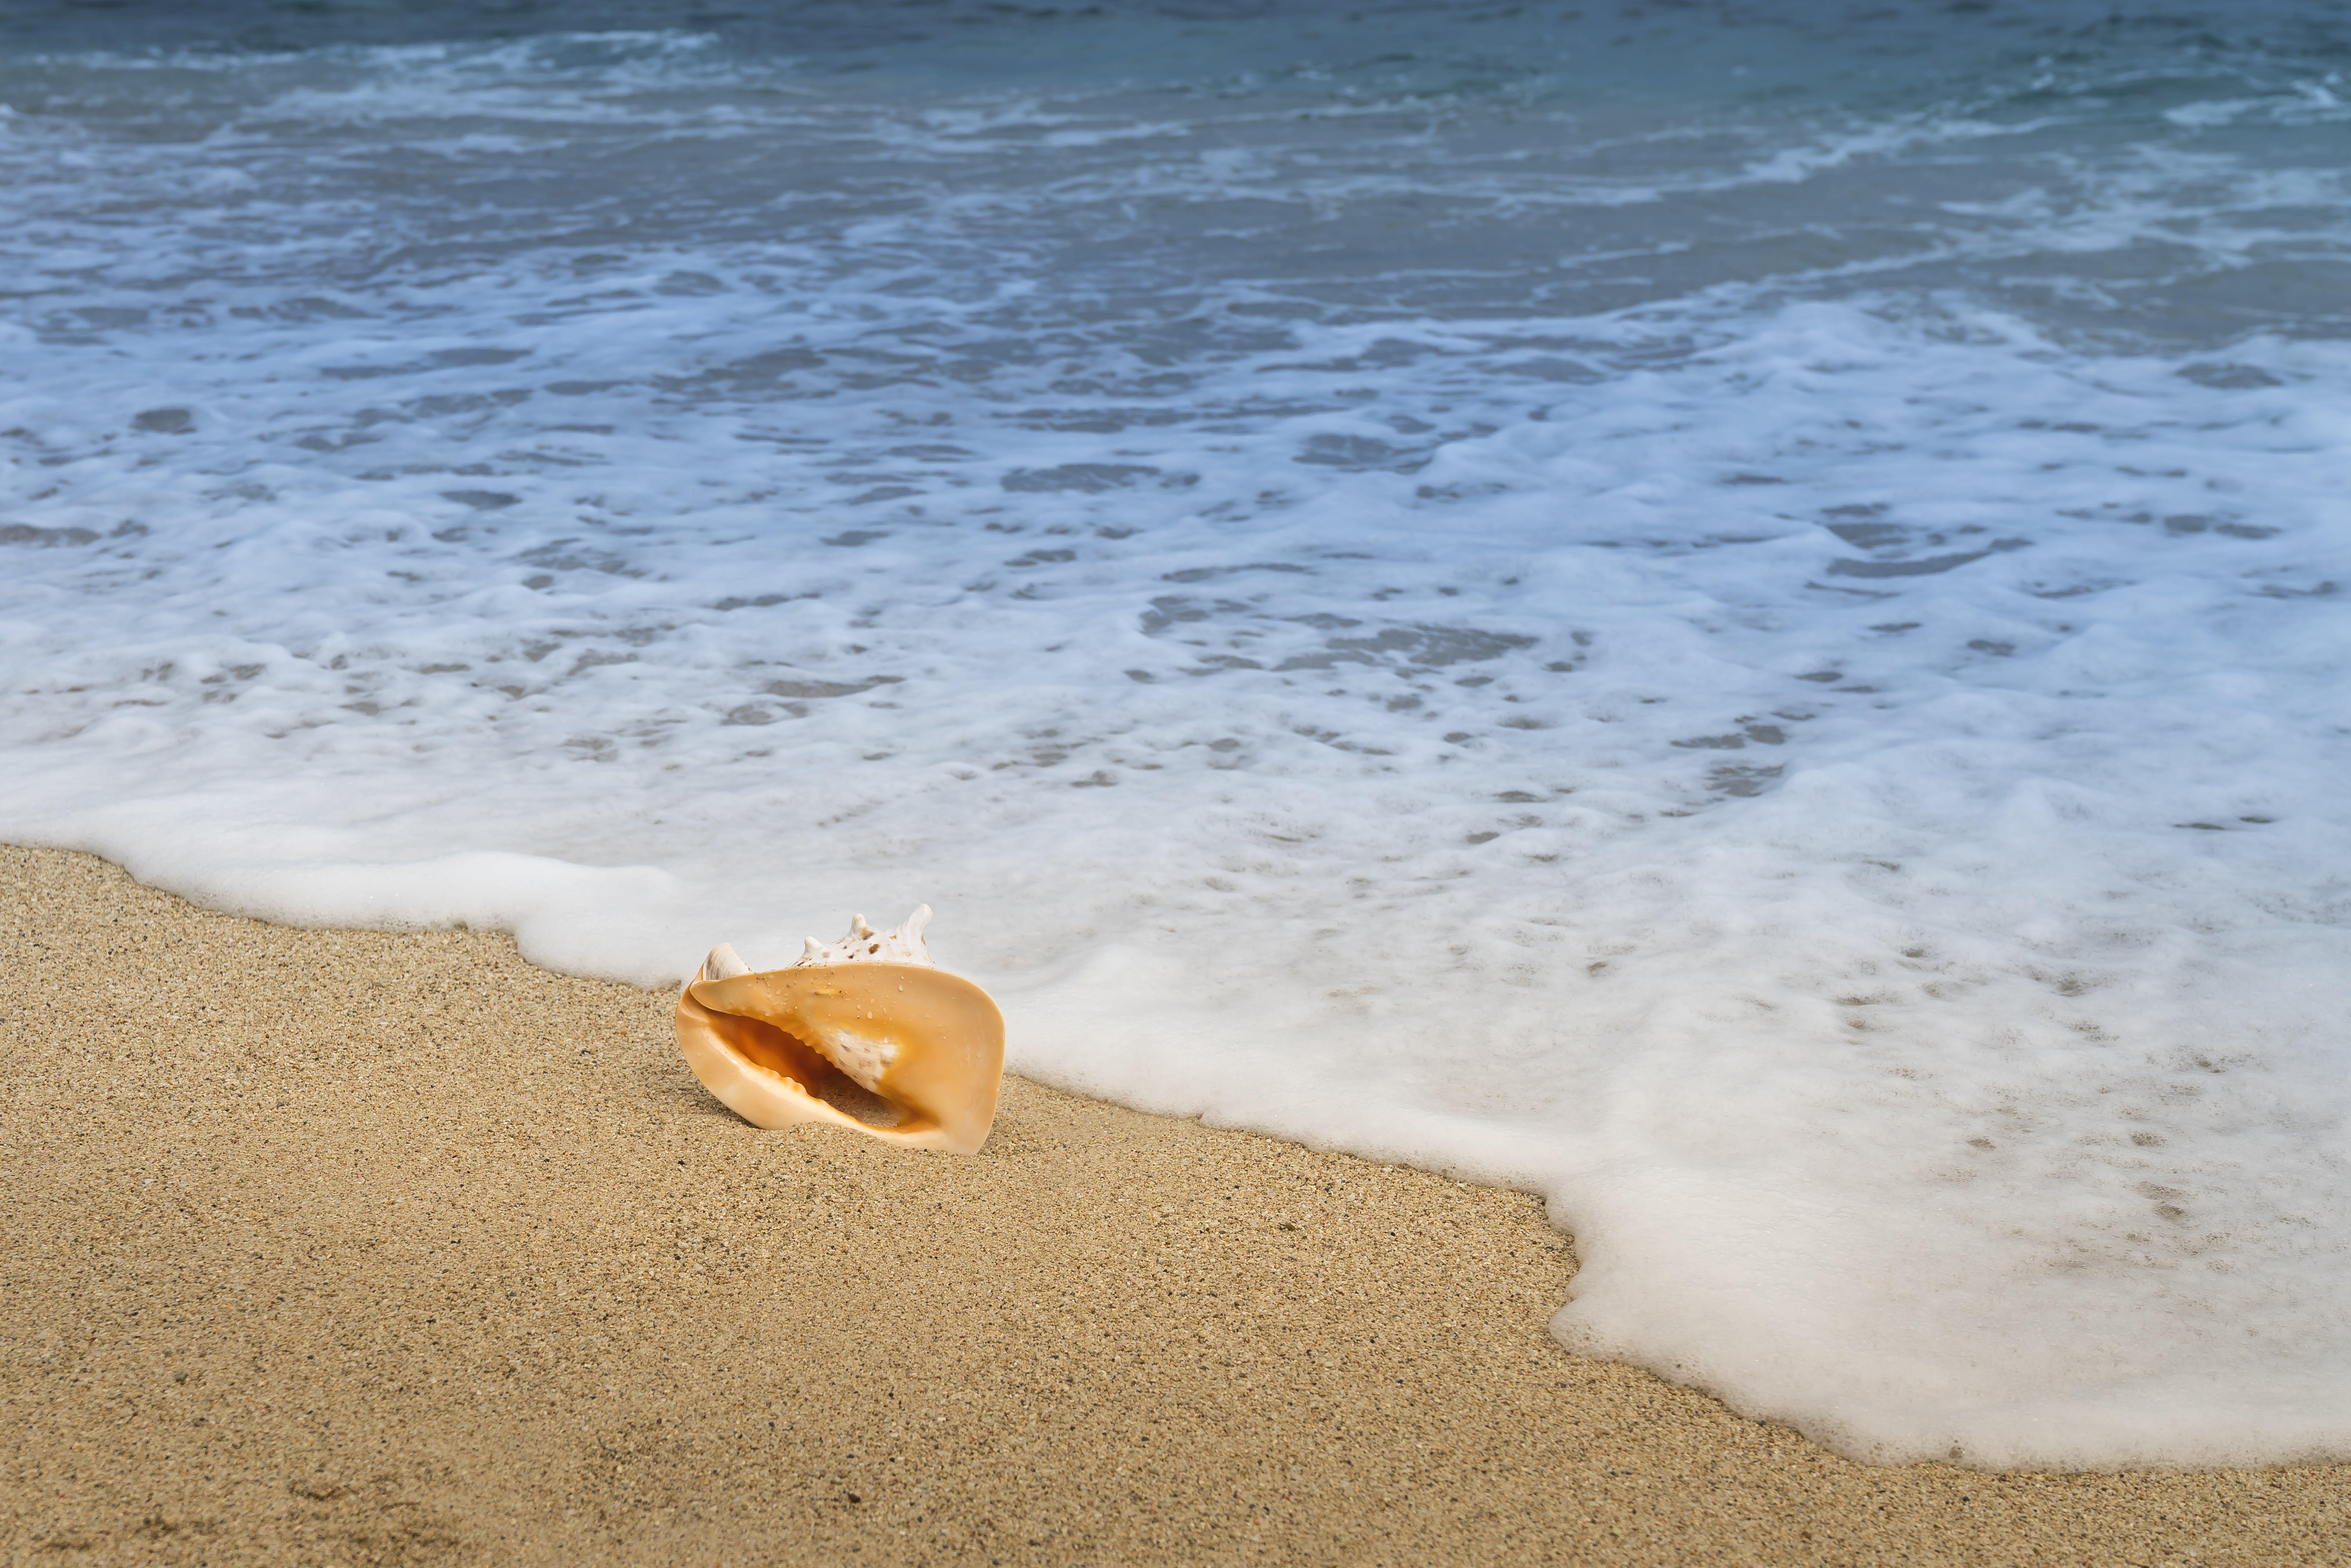 คลังภาพถ่ายฟรี ของ ชายทะเล, ชายหาด, ทราย, ทะเล